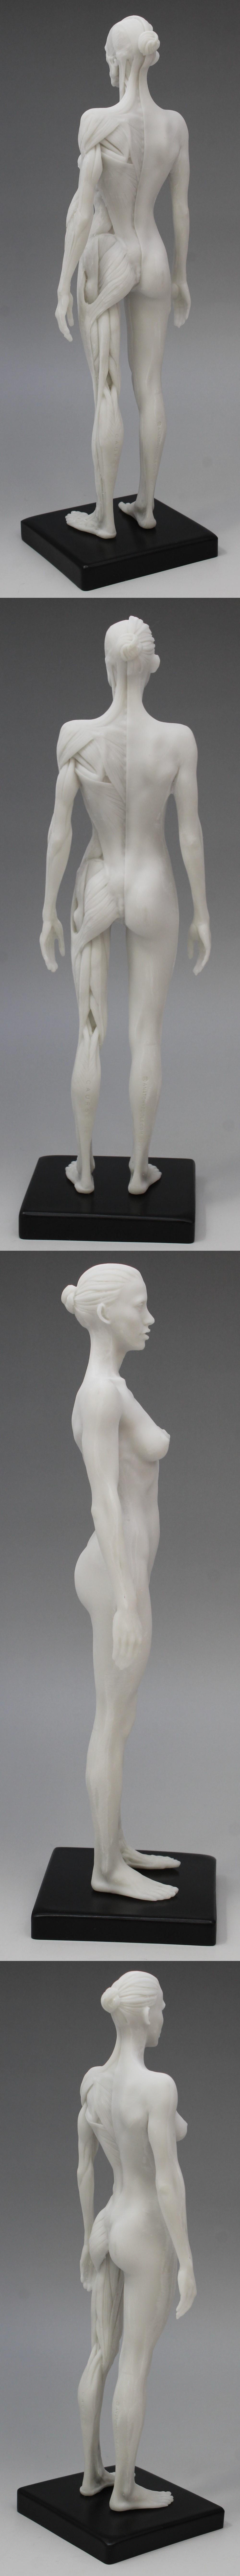 009人体模型4